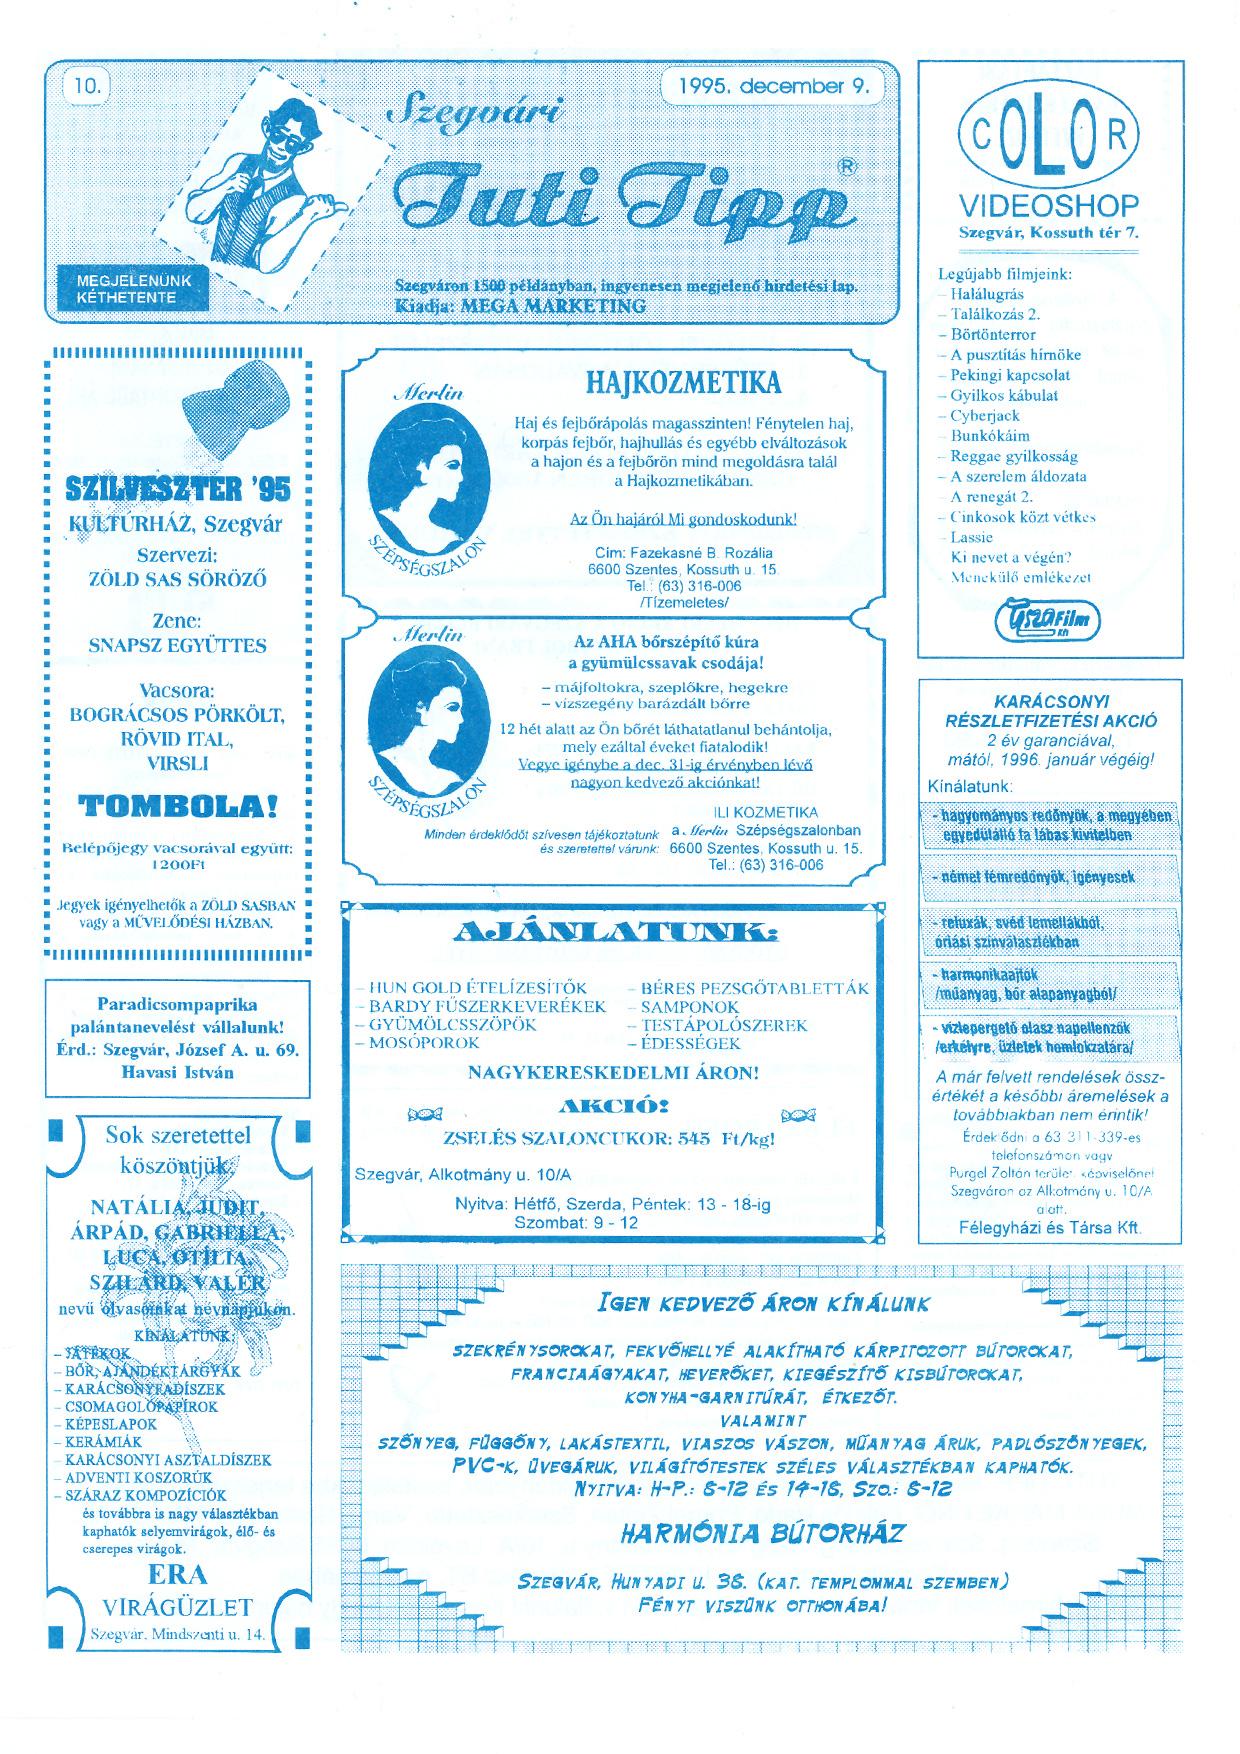 021 Szegvári Tuti Tipp reklámújság - 19951209-010. lapszám -1.oldal - I. évfolyam.jpg